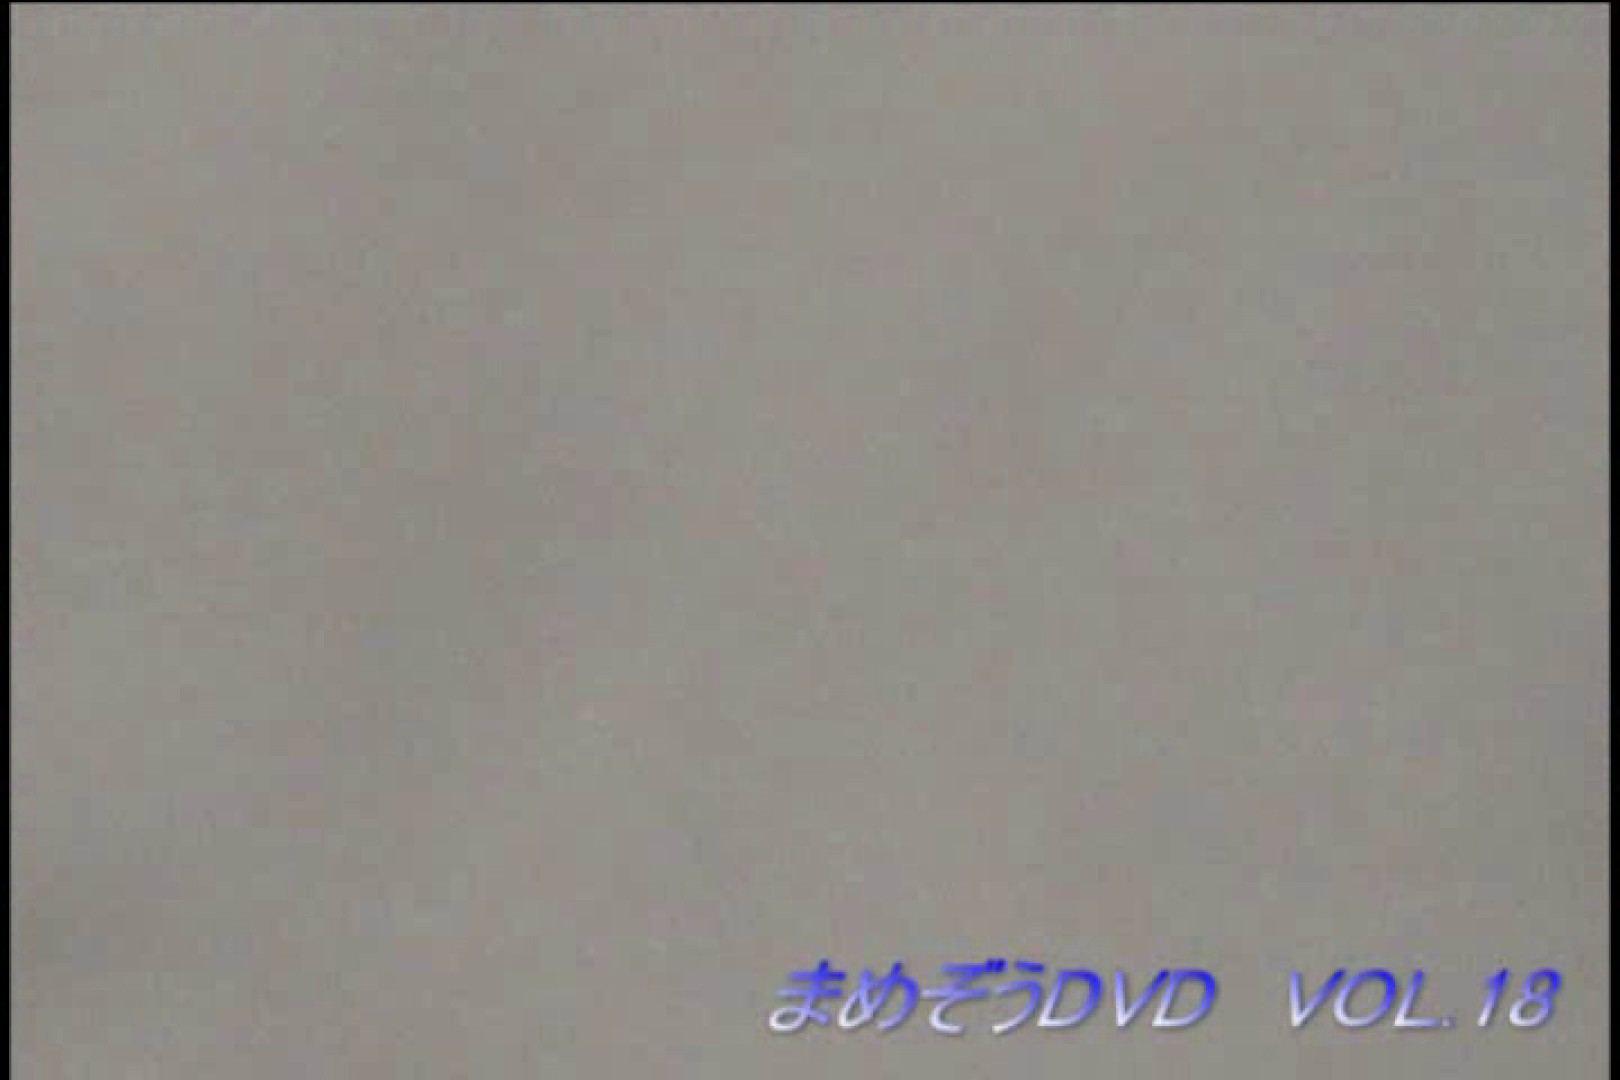 まめぞうDVD完全版VOL.18 ギャル盗撮映像  76PIX 32